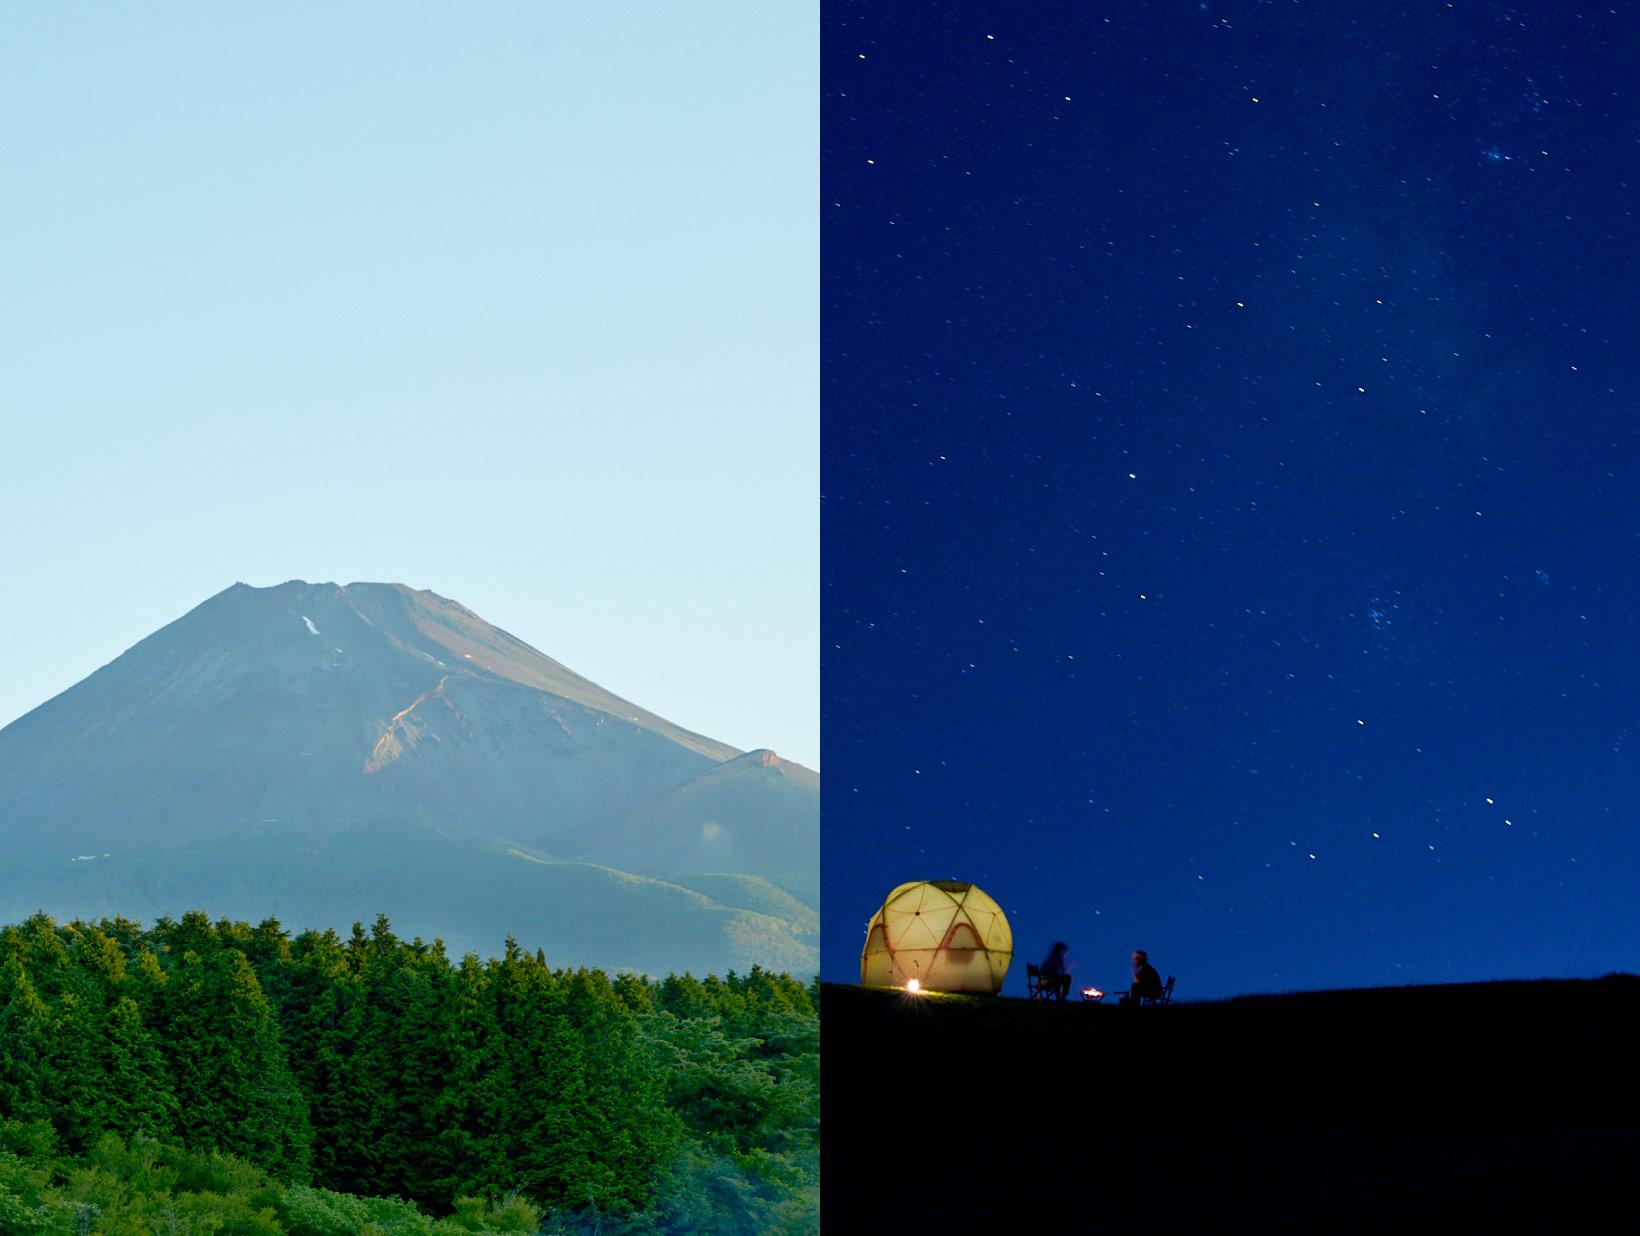 富士山の袂でキャンプをしている、昼と夜の画像